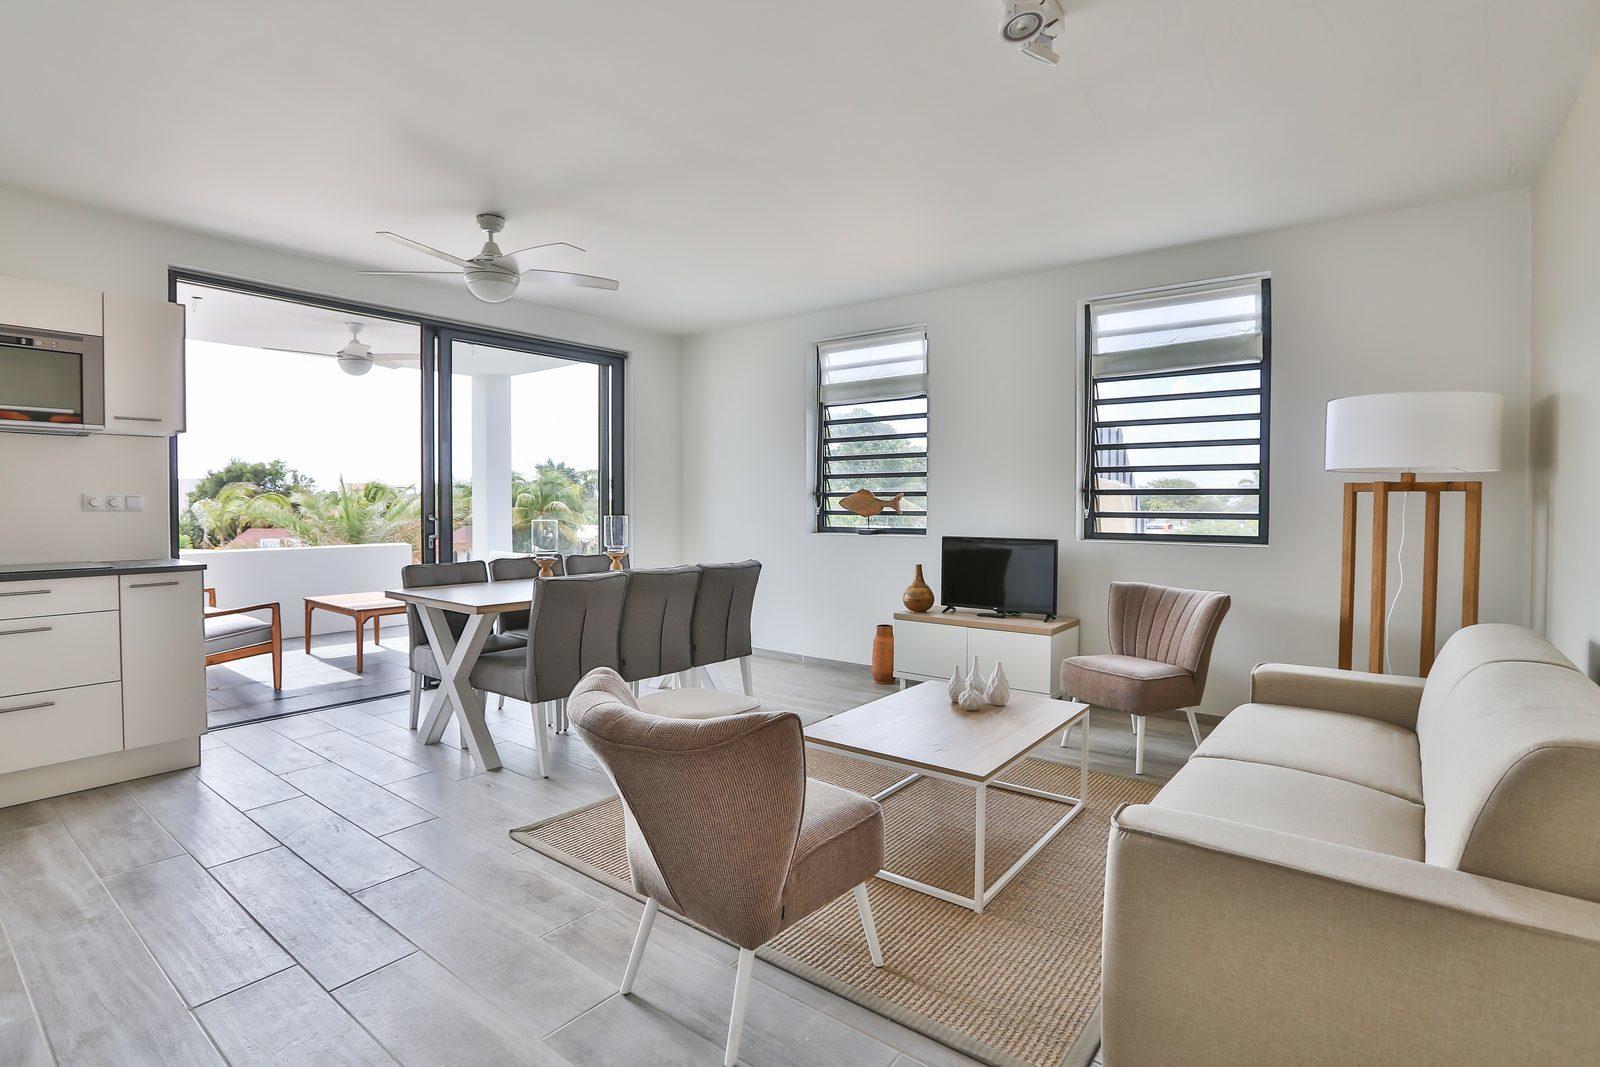 Op zoek naar een appartement op Bonaire? Bekijk dan hier de beschikbare accomodaties op ons resort.